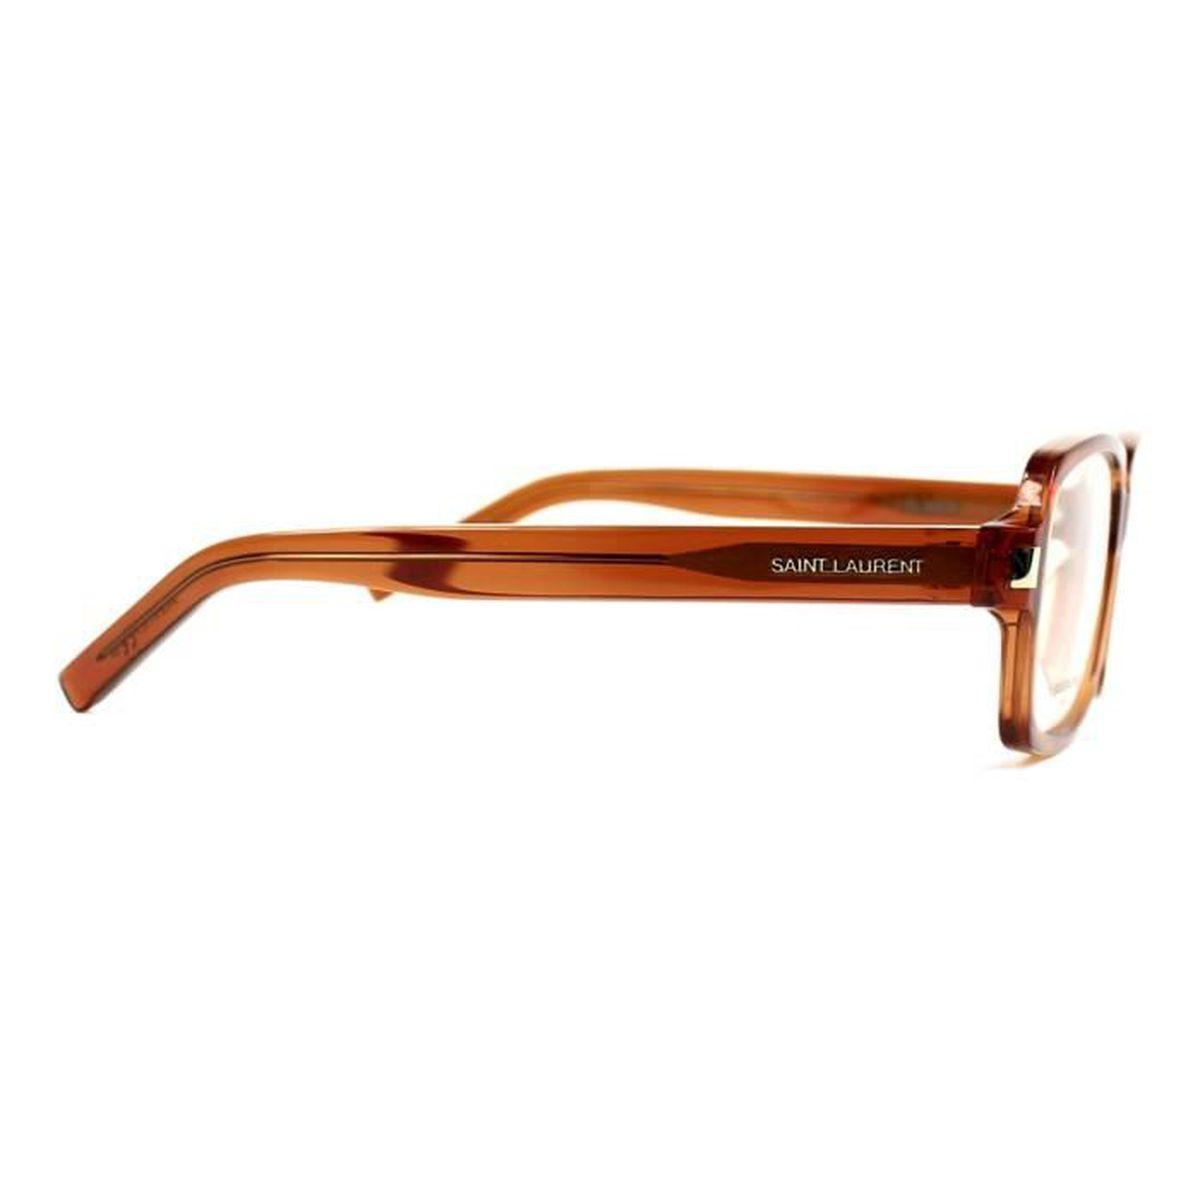 Lunettes de vue Yves Saint Laurent SL66-F -A5W Marron transparent - Achat    Vente lunettes de vue Lunettes de vue Yves Saint Homme Adulte Marron -  Cdiscoun 23ce03341fce